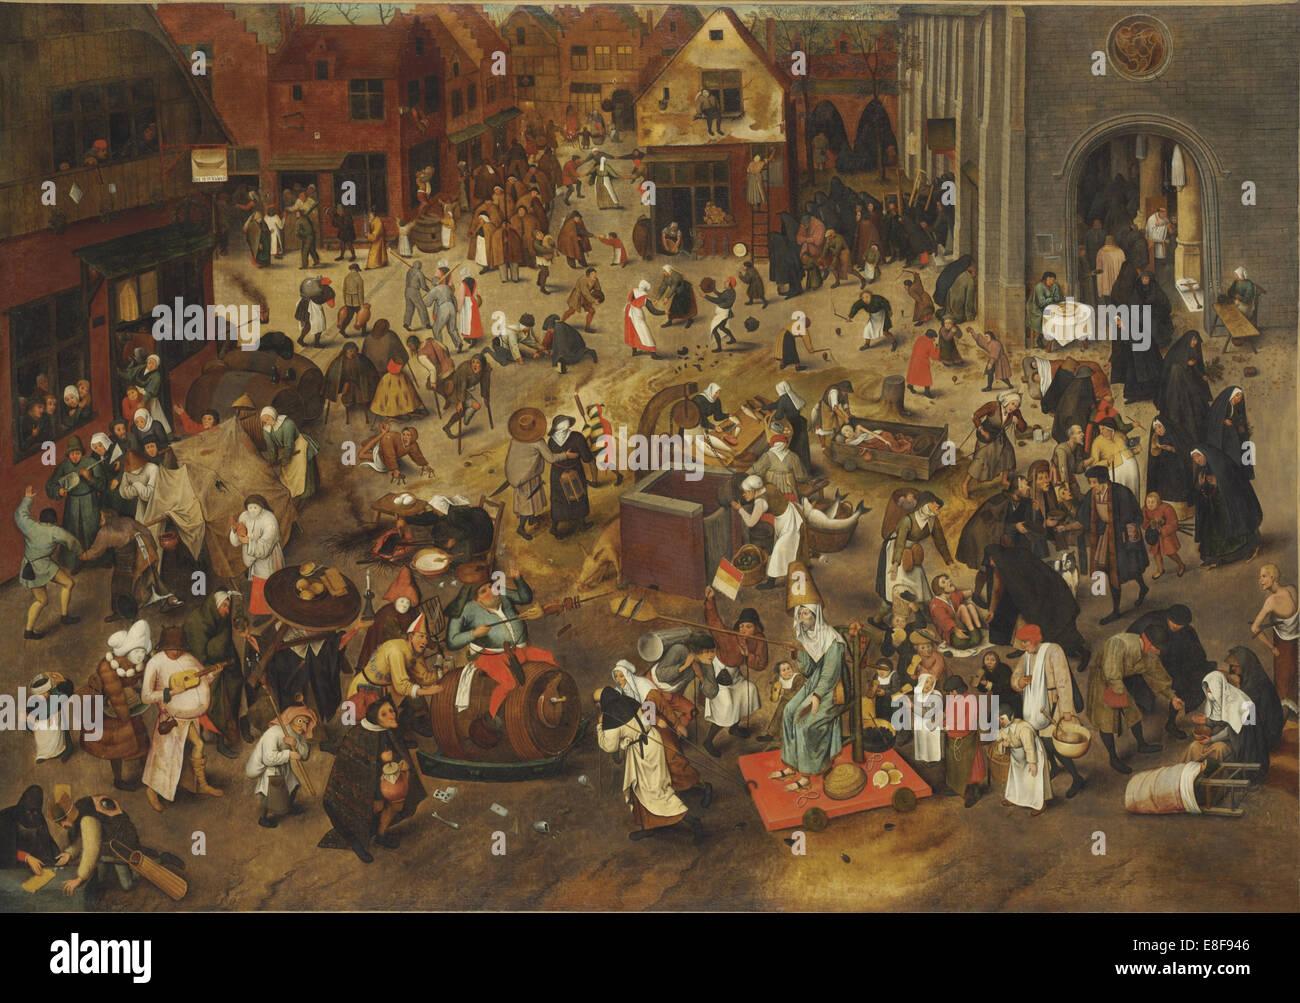 The Fight Between Carnival and Lent. Artist: Bruegel (Brueghel), Pieter, the Elder (ca 1525-1569) - Stock Image